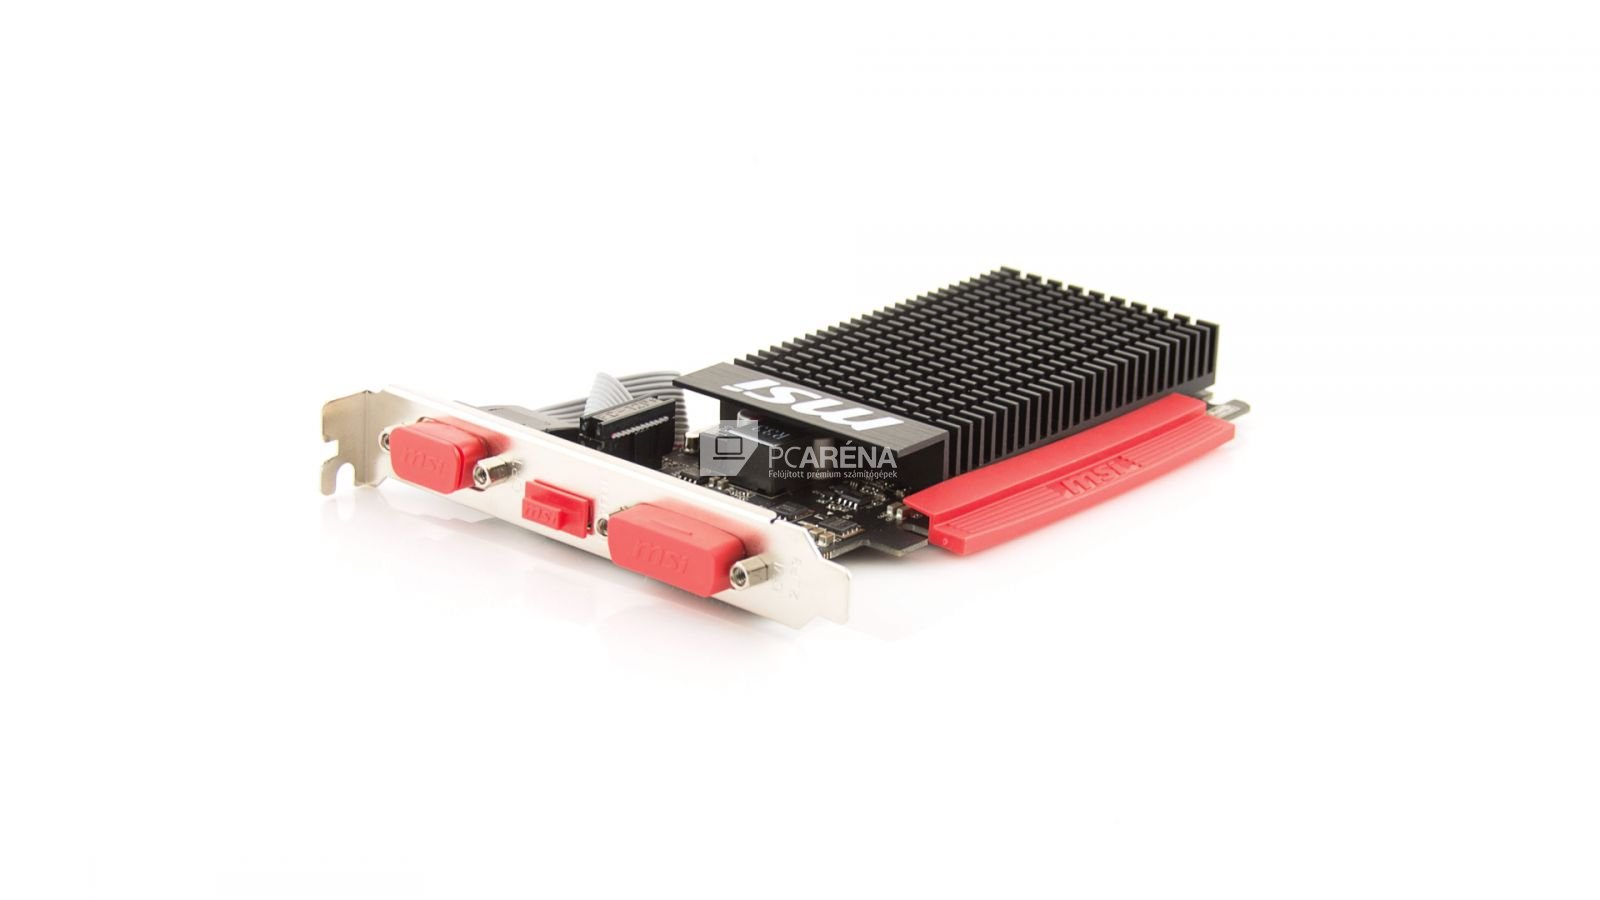 MSI nVidia Geforce GT710 (ÚJ) (1024 MB)